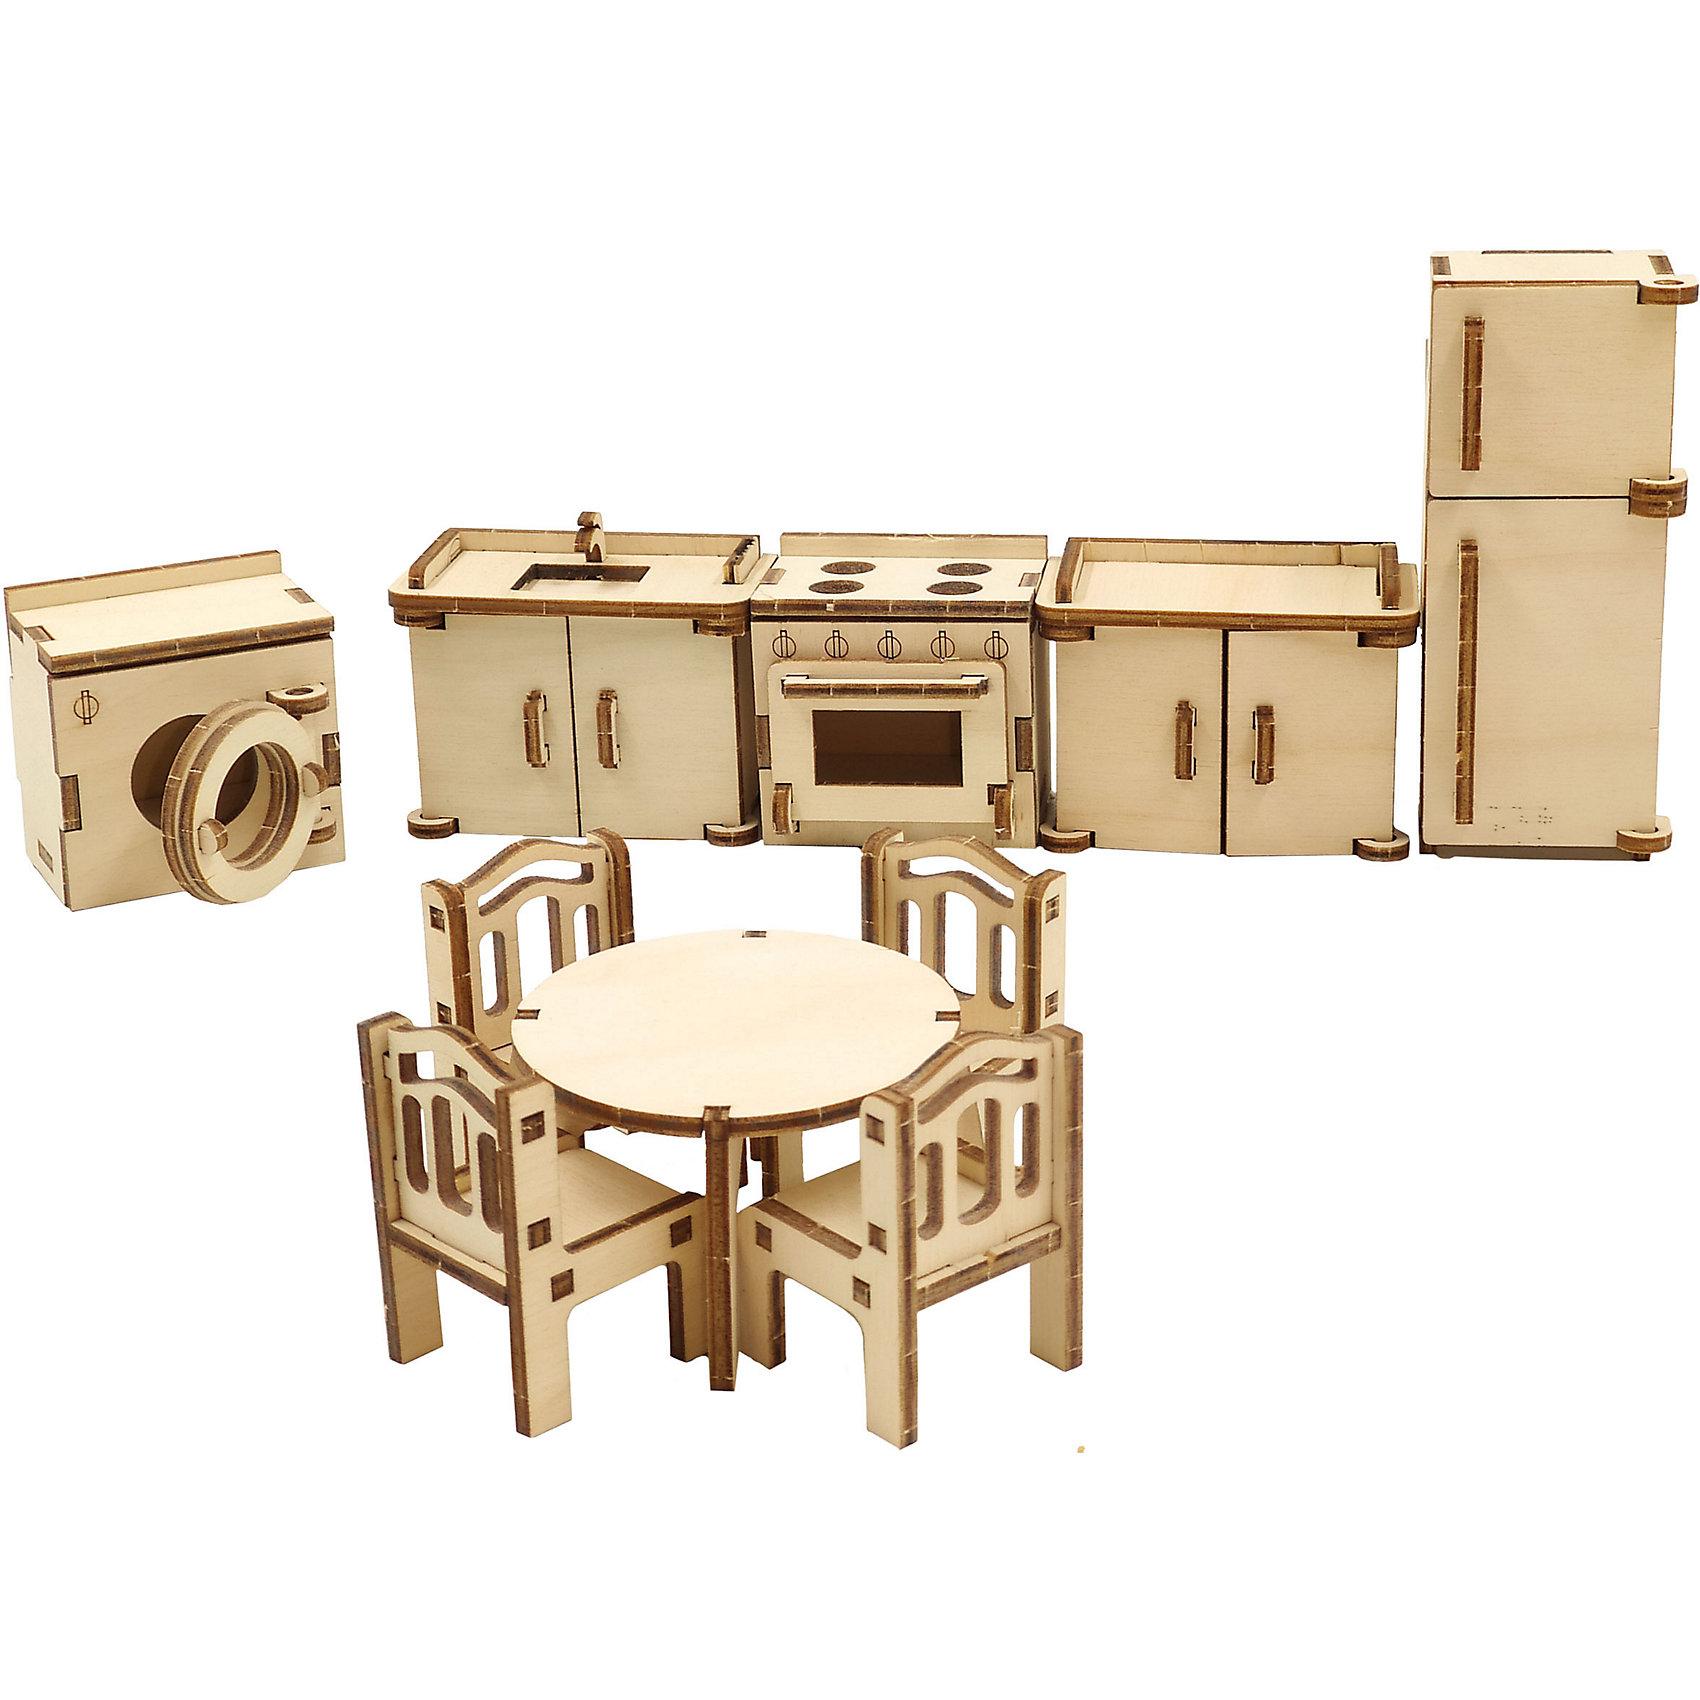 Деревянный набор мебели Happykon КухняДомики и мебель<br><br><br>Ширина мм: 32<br>Глубина мм: 40<br>Высота мм: 100<br>Вес г: 190<br>Возраст от месяцев: 60<br>Возраст до месяцев: 144<br>Пол: Женский<br>Возраст: Детский<br>SKU: 7023768